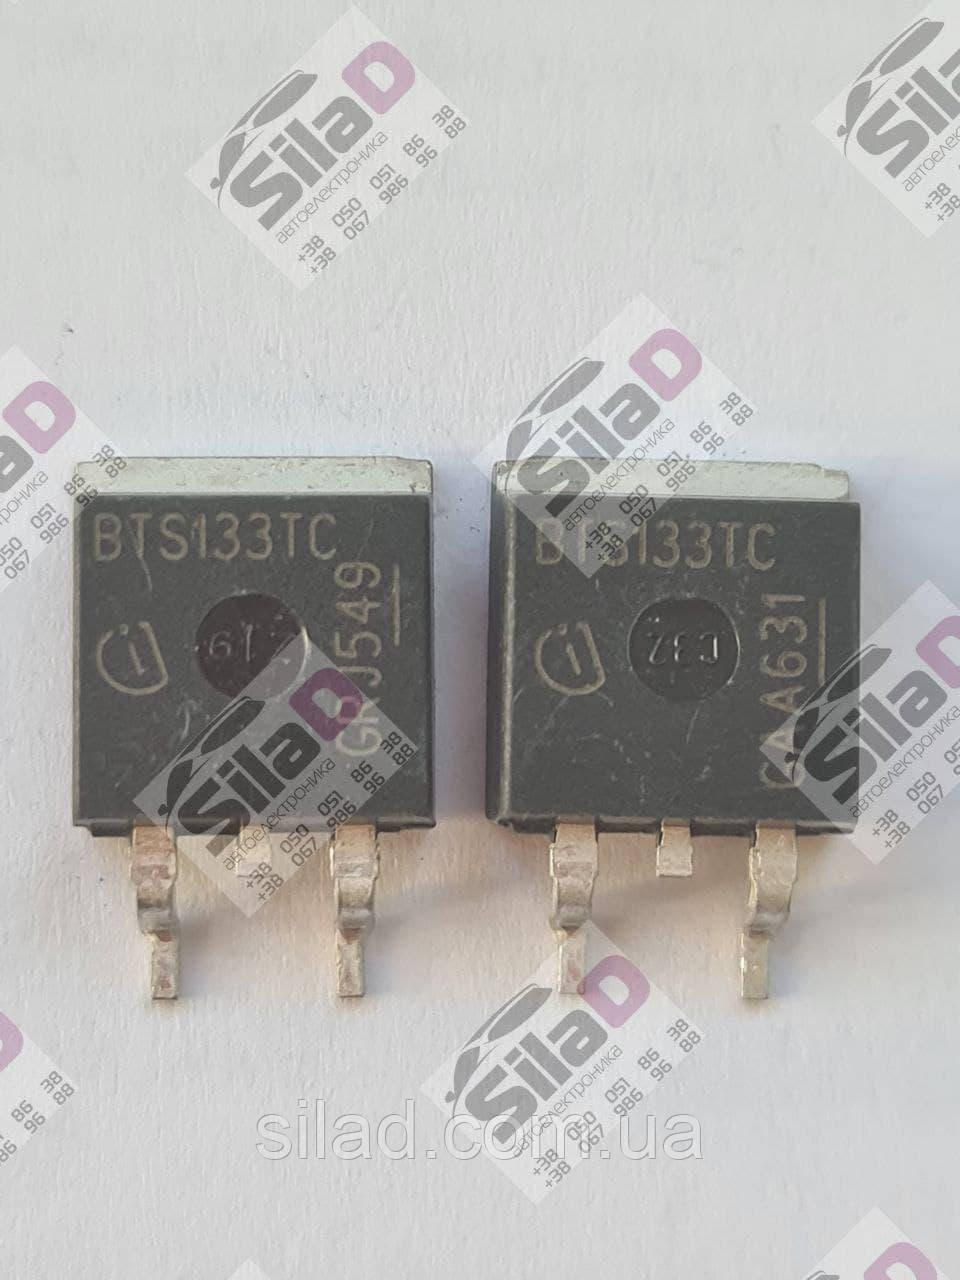 Транзистор BTS133TC BTS133 Infineon корпус TO-263